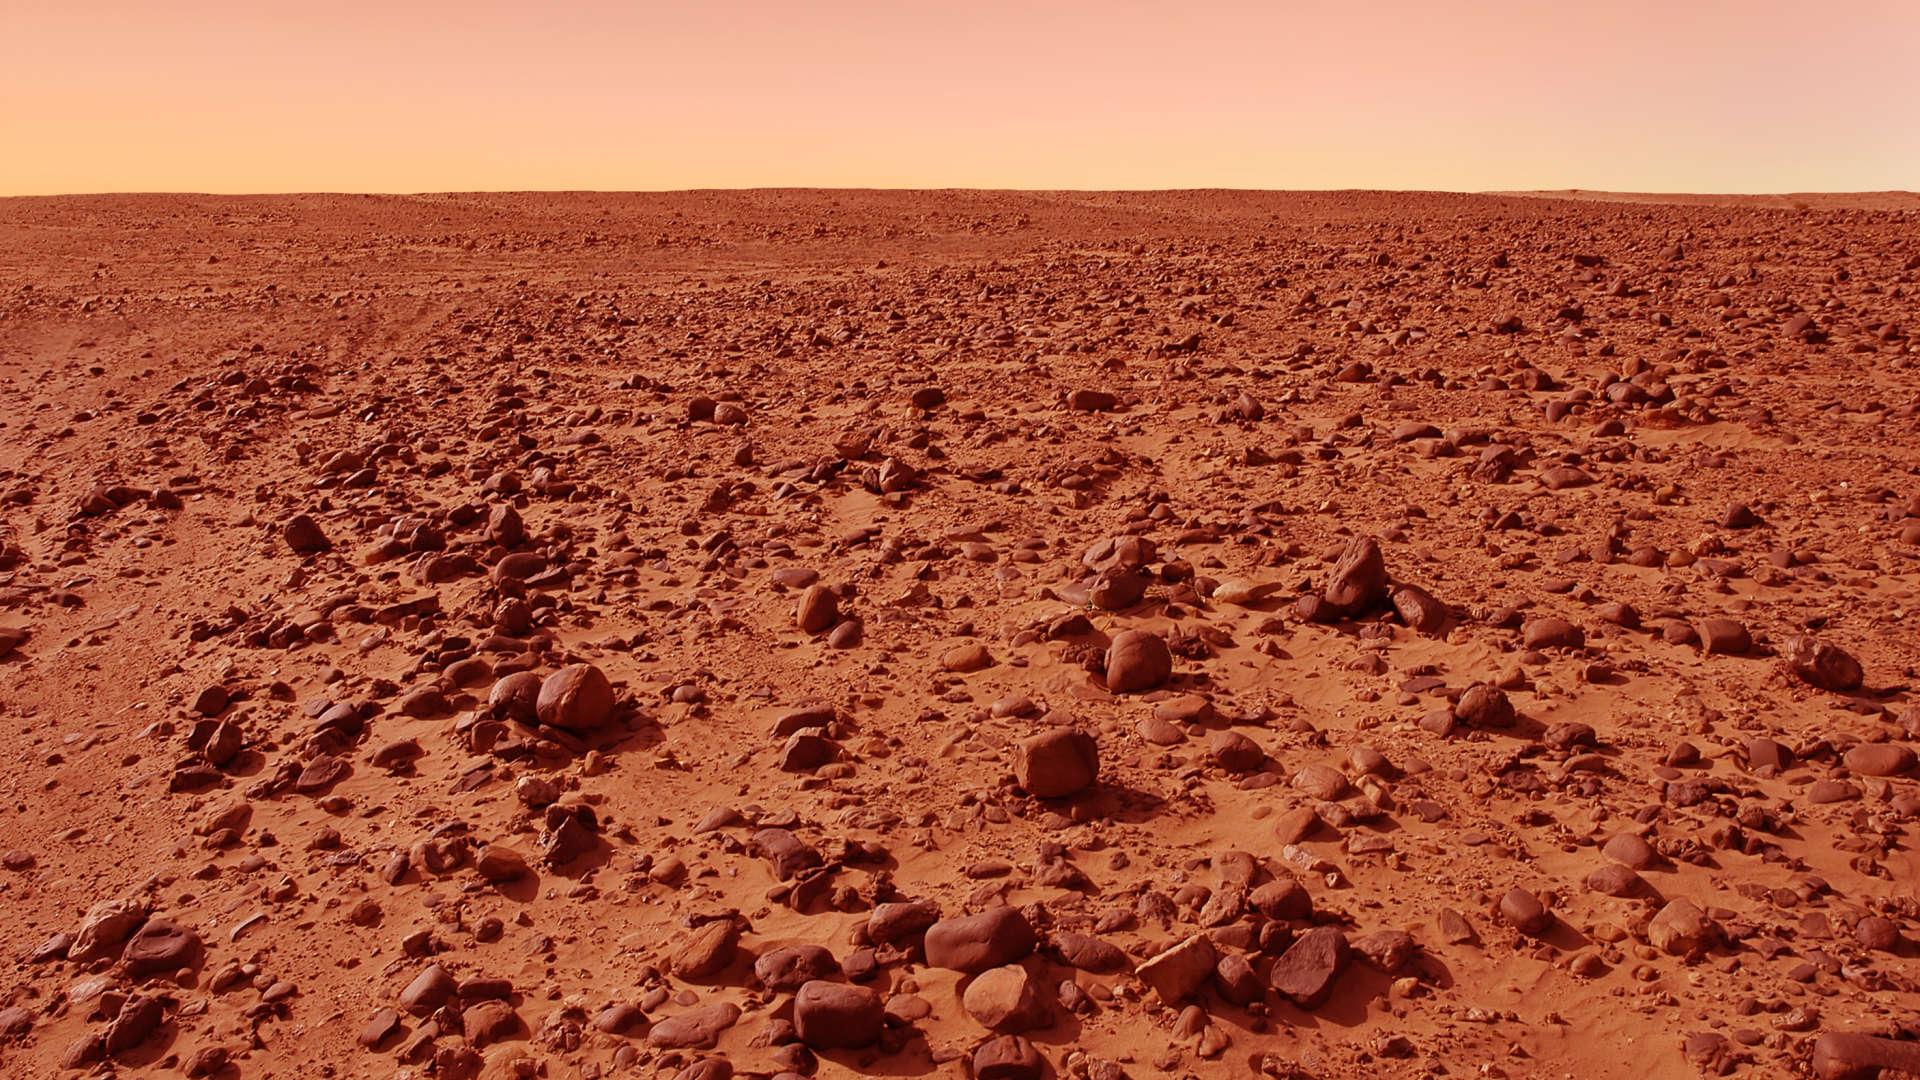 Por que o Sol em Marte é azul?